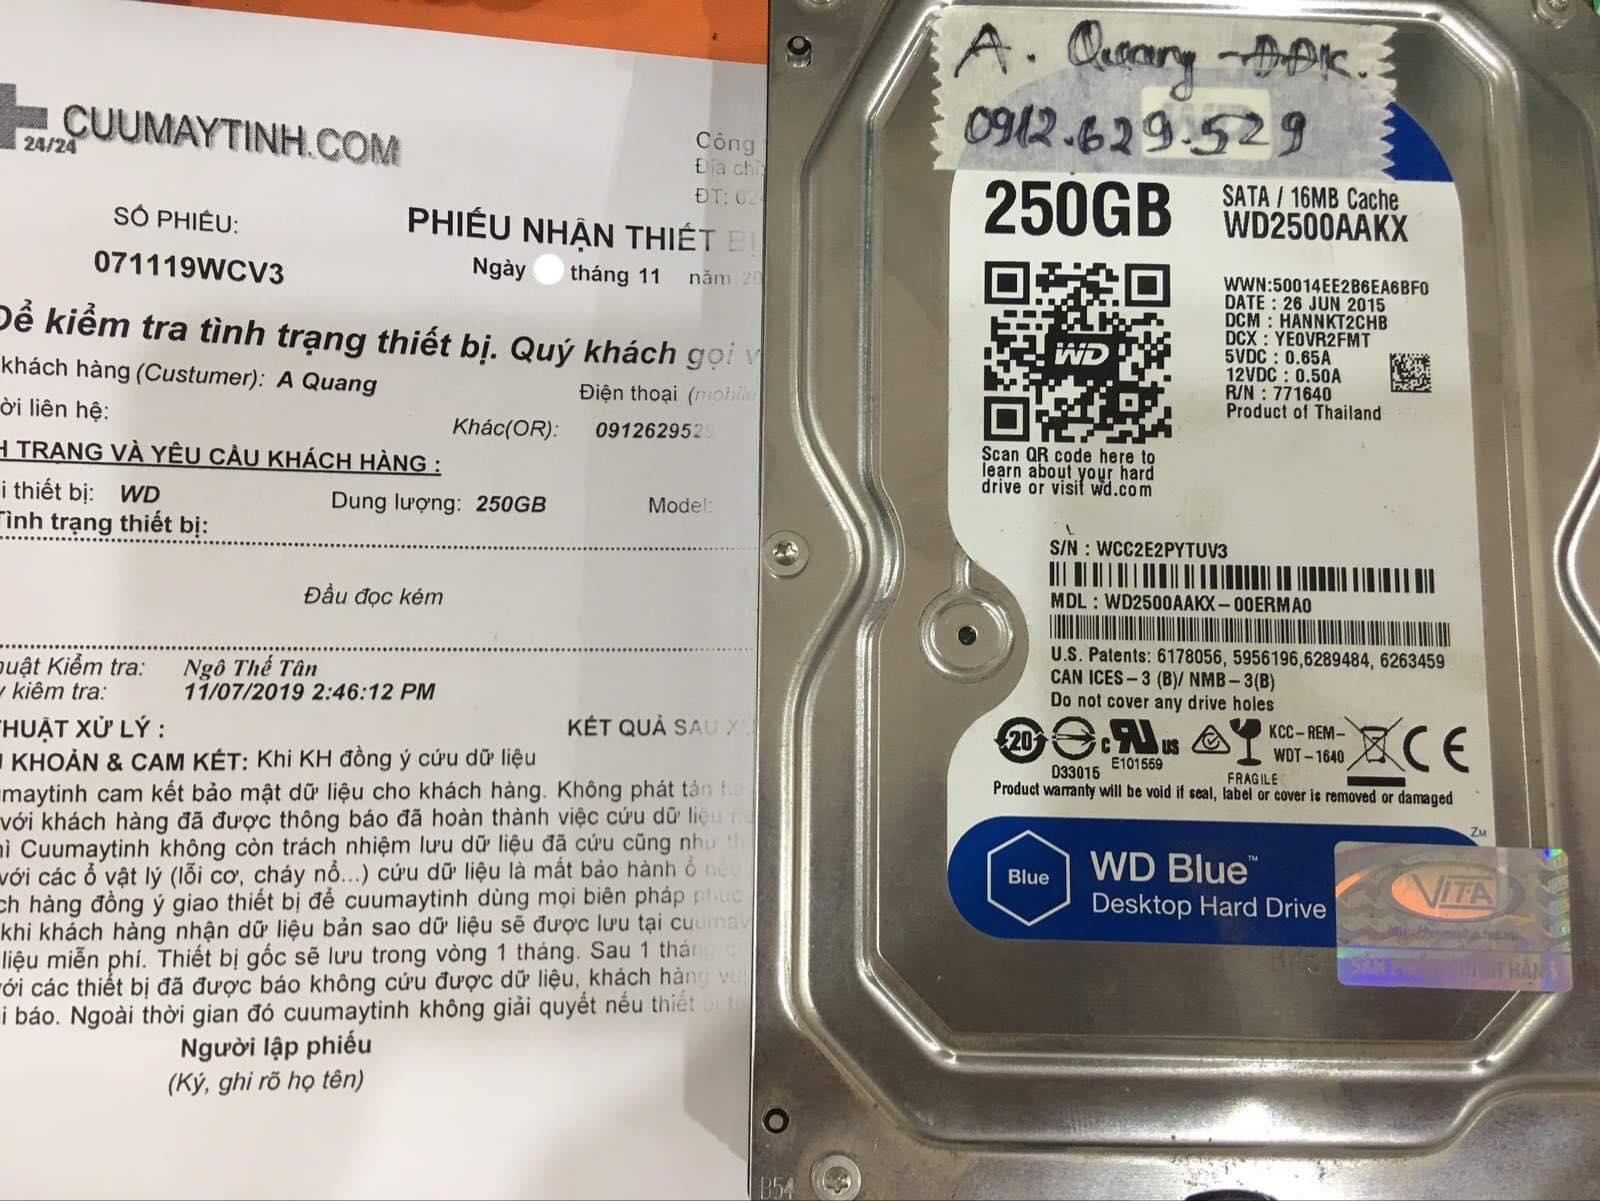 Phục hồi dữ liệu ổ cứng Western 250GB đầu đọc kém 11/11/2019 - cuumaytinh